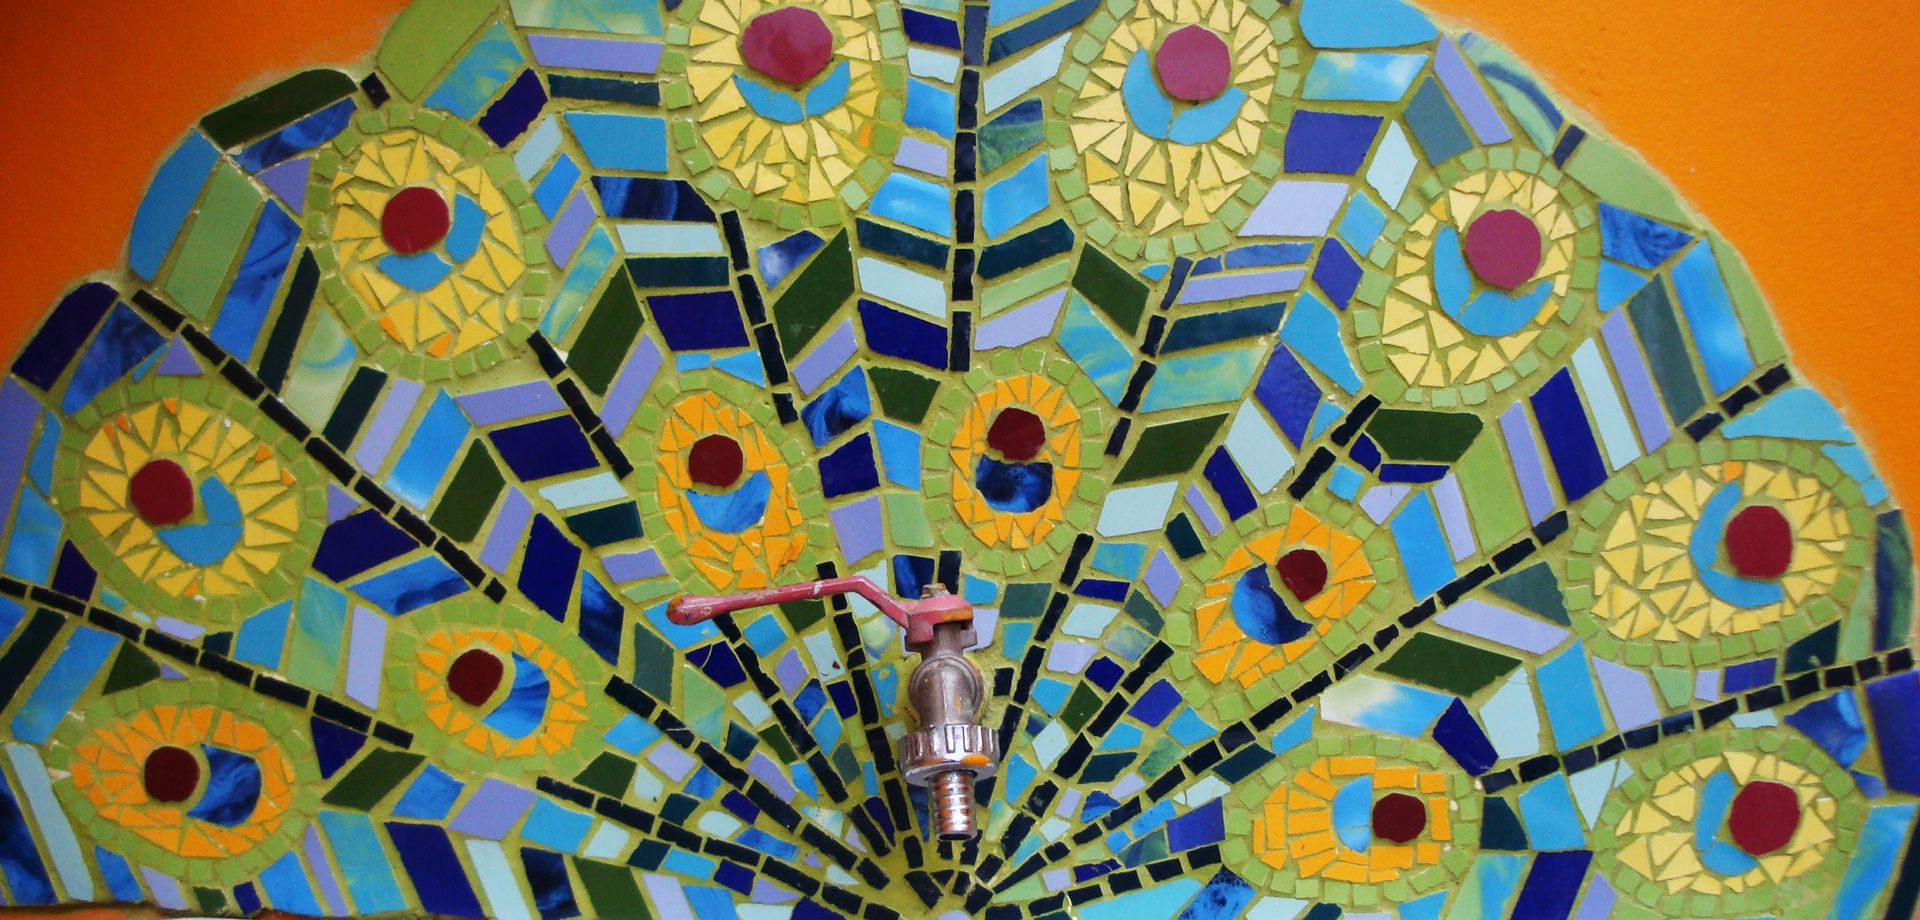 mosaicos - Buscar con Google